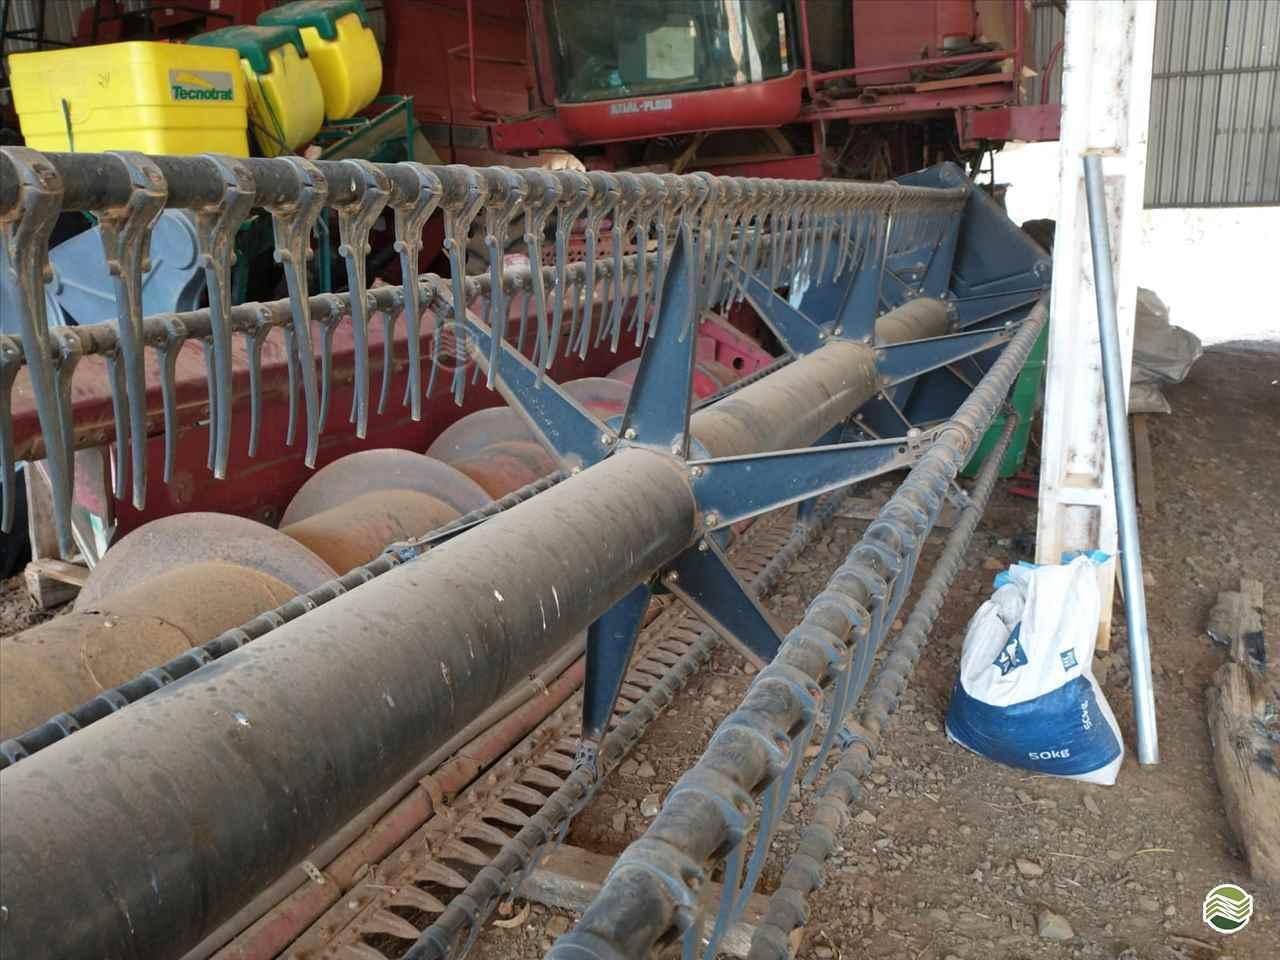 COLHEITADEIRA CASE CASE 2388 Dalzotto Equipamentos Agrícolas PRUDENTOPOLIS PARANÁ PR